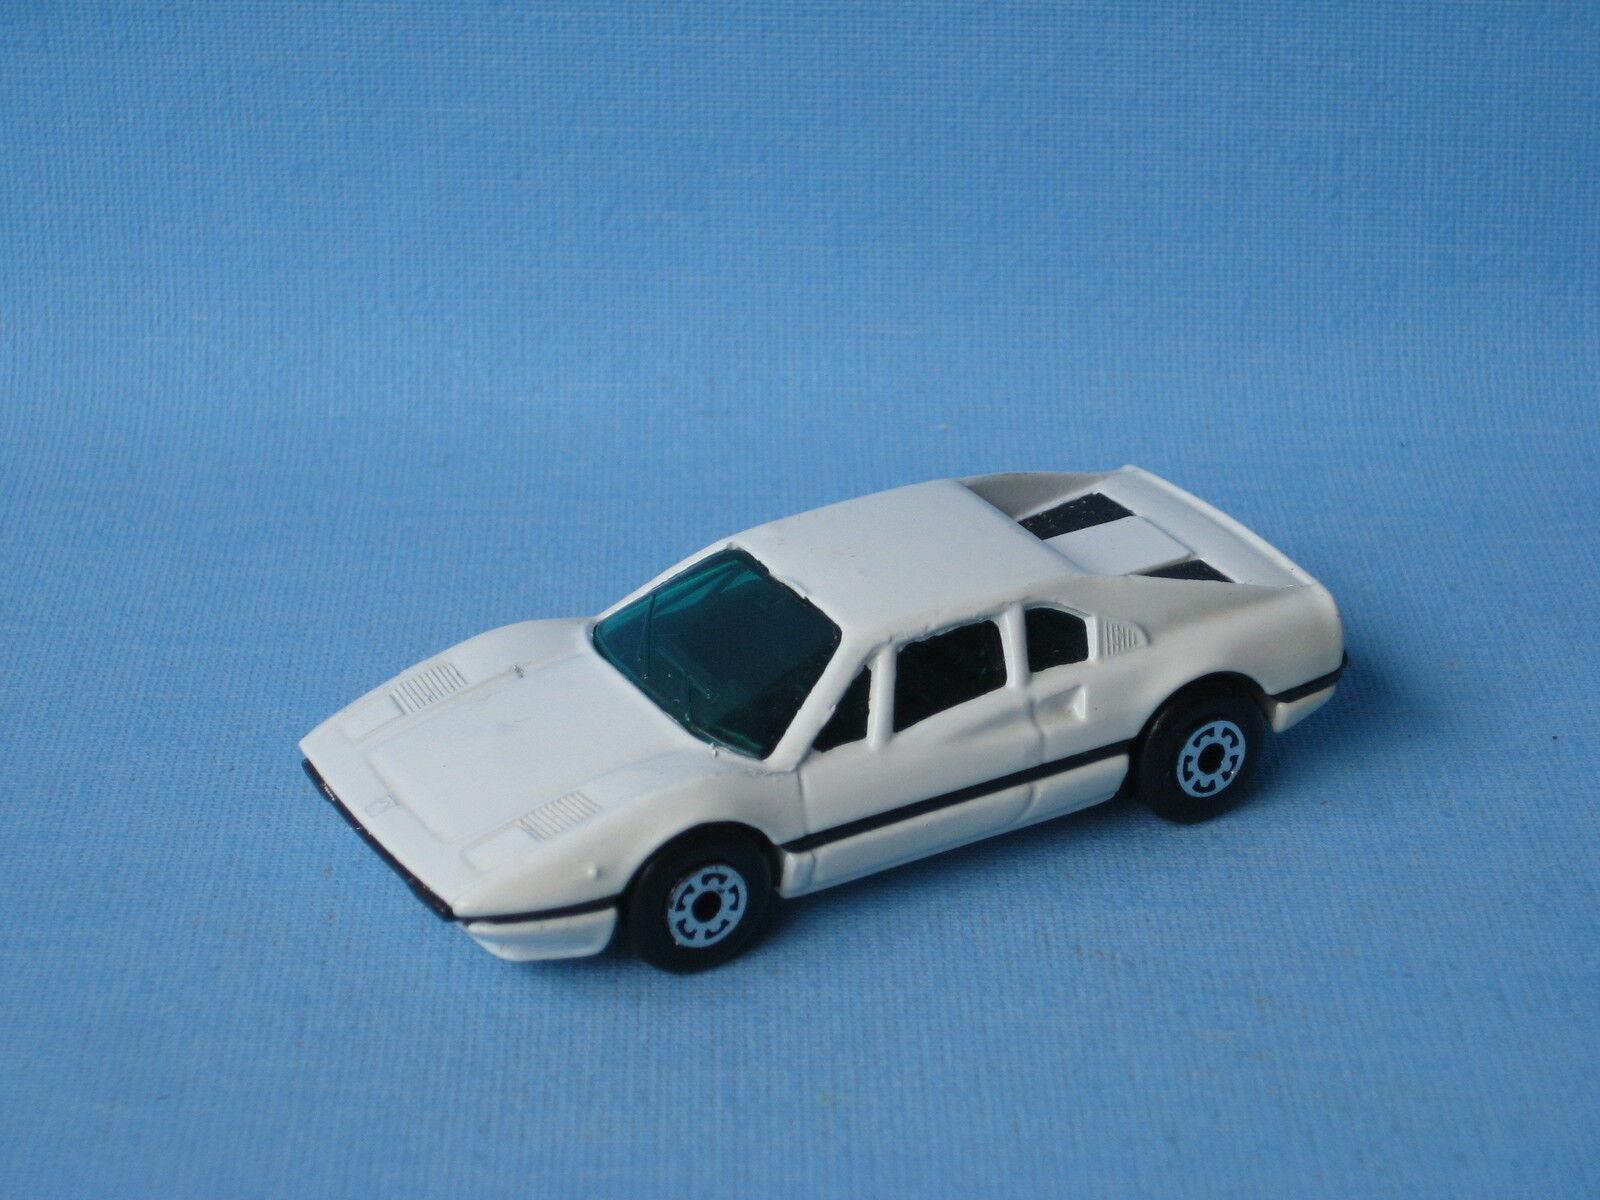 Caja de cerillas Ferrari 308 coche blancoo blancoo blancoo cristal verde coche deportivo italiano 925